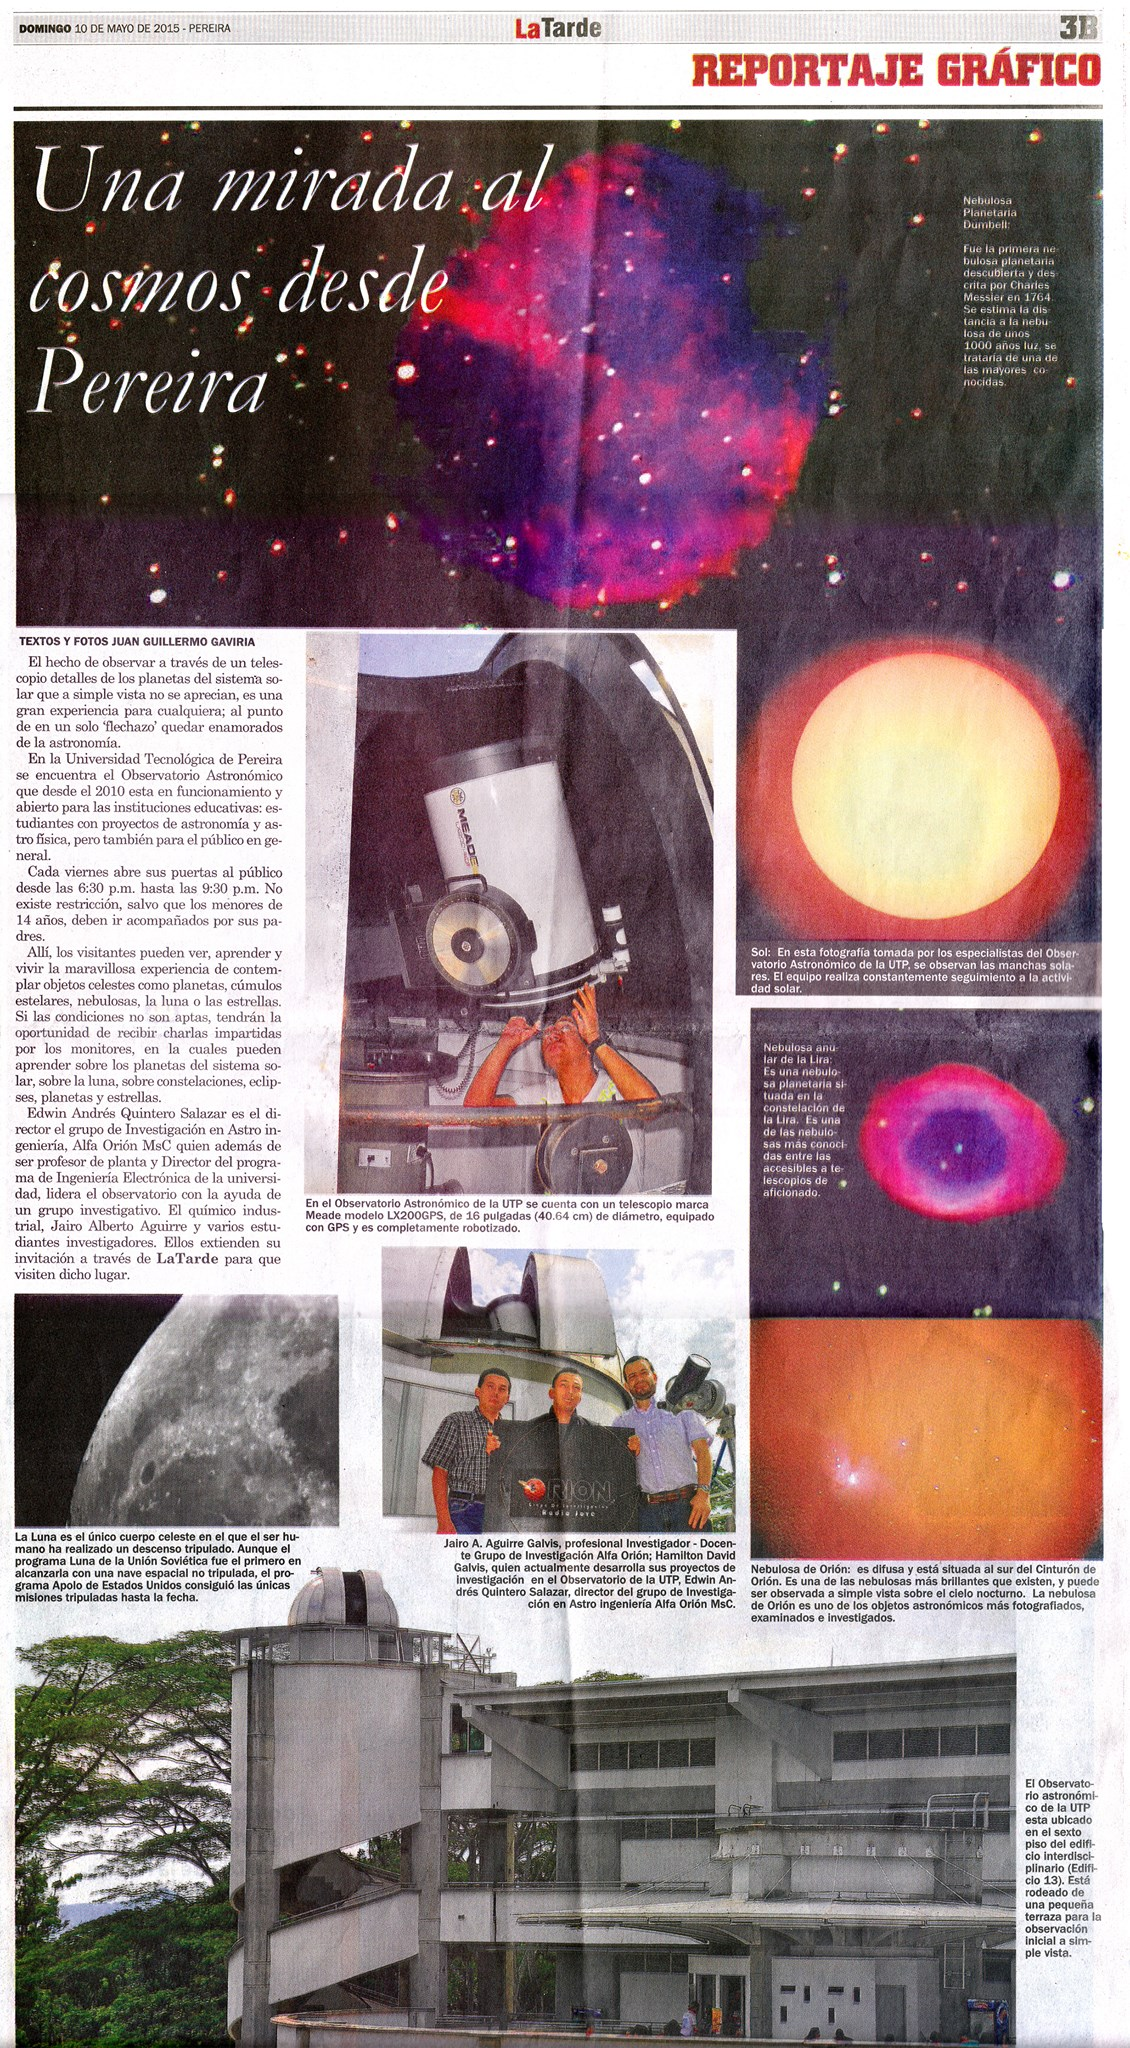 Imagen de pagina completa del Periodico La Tarde